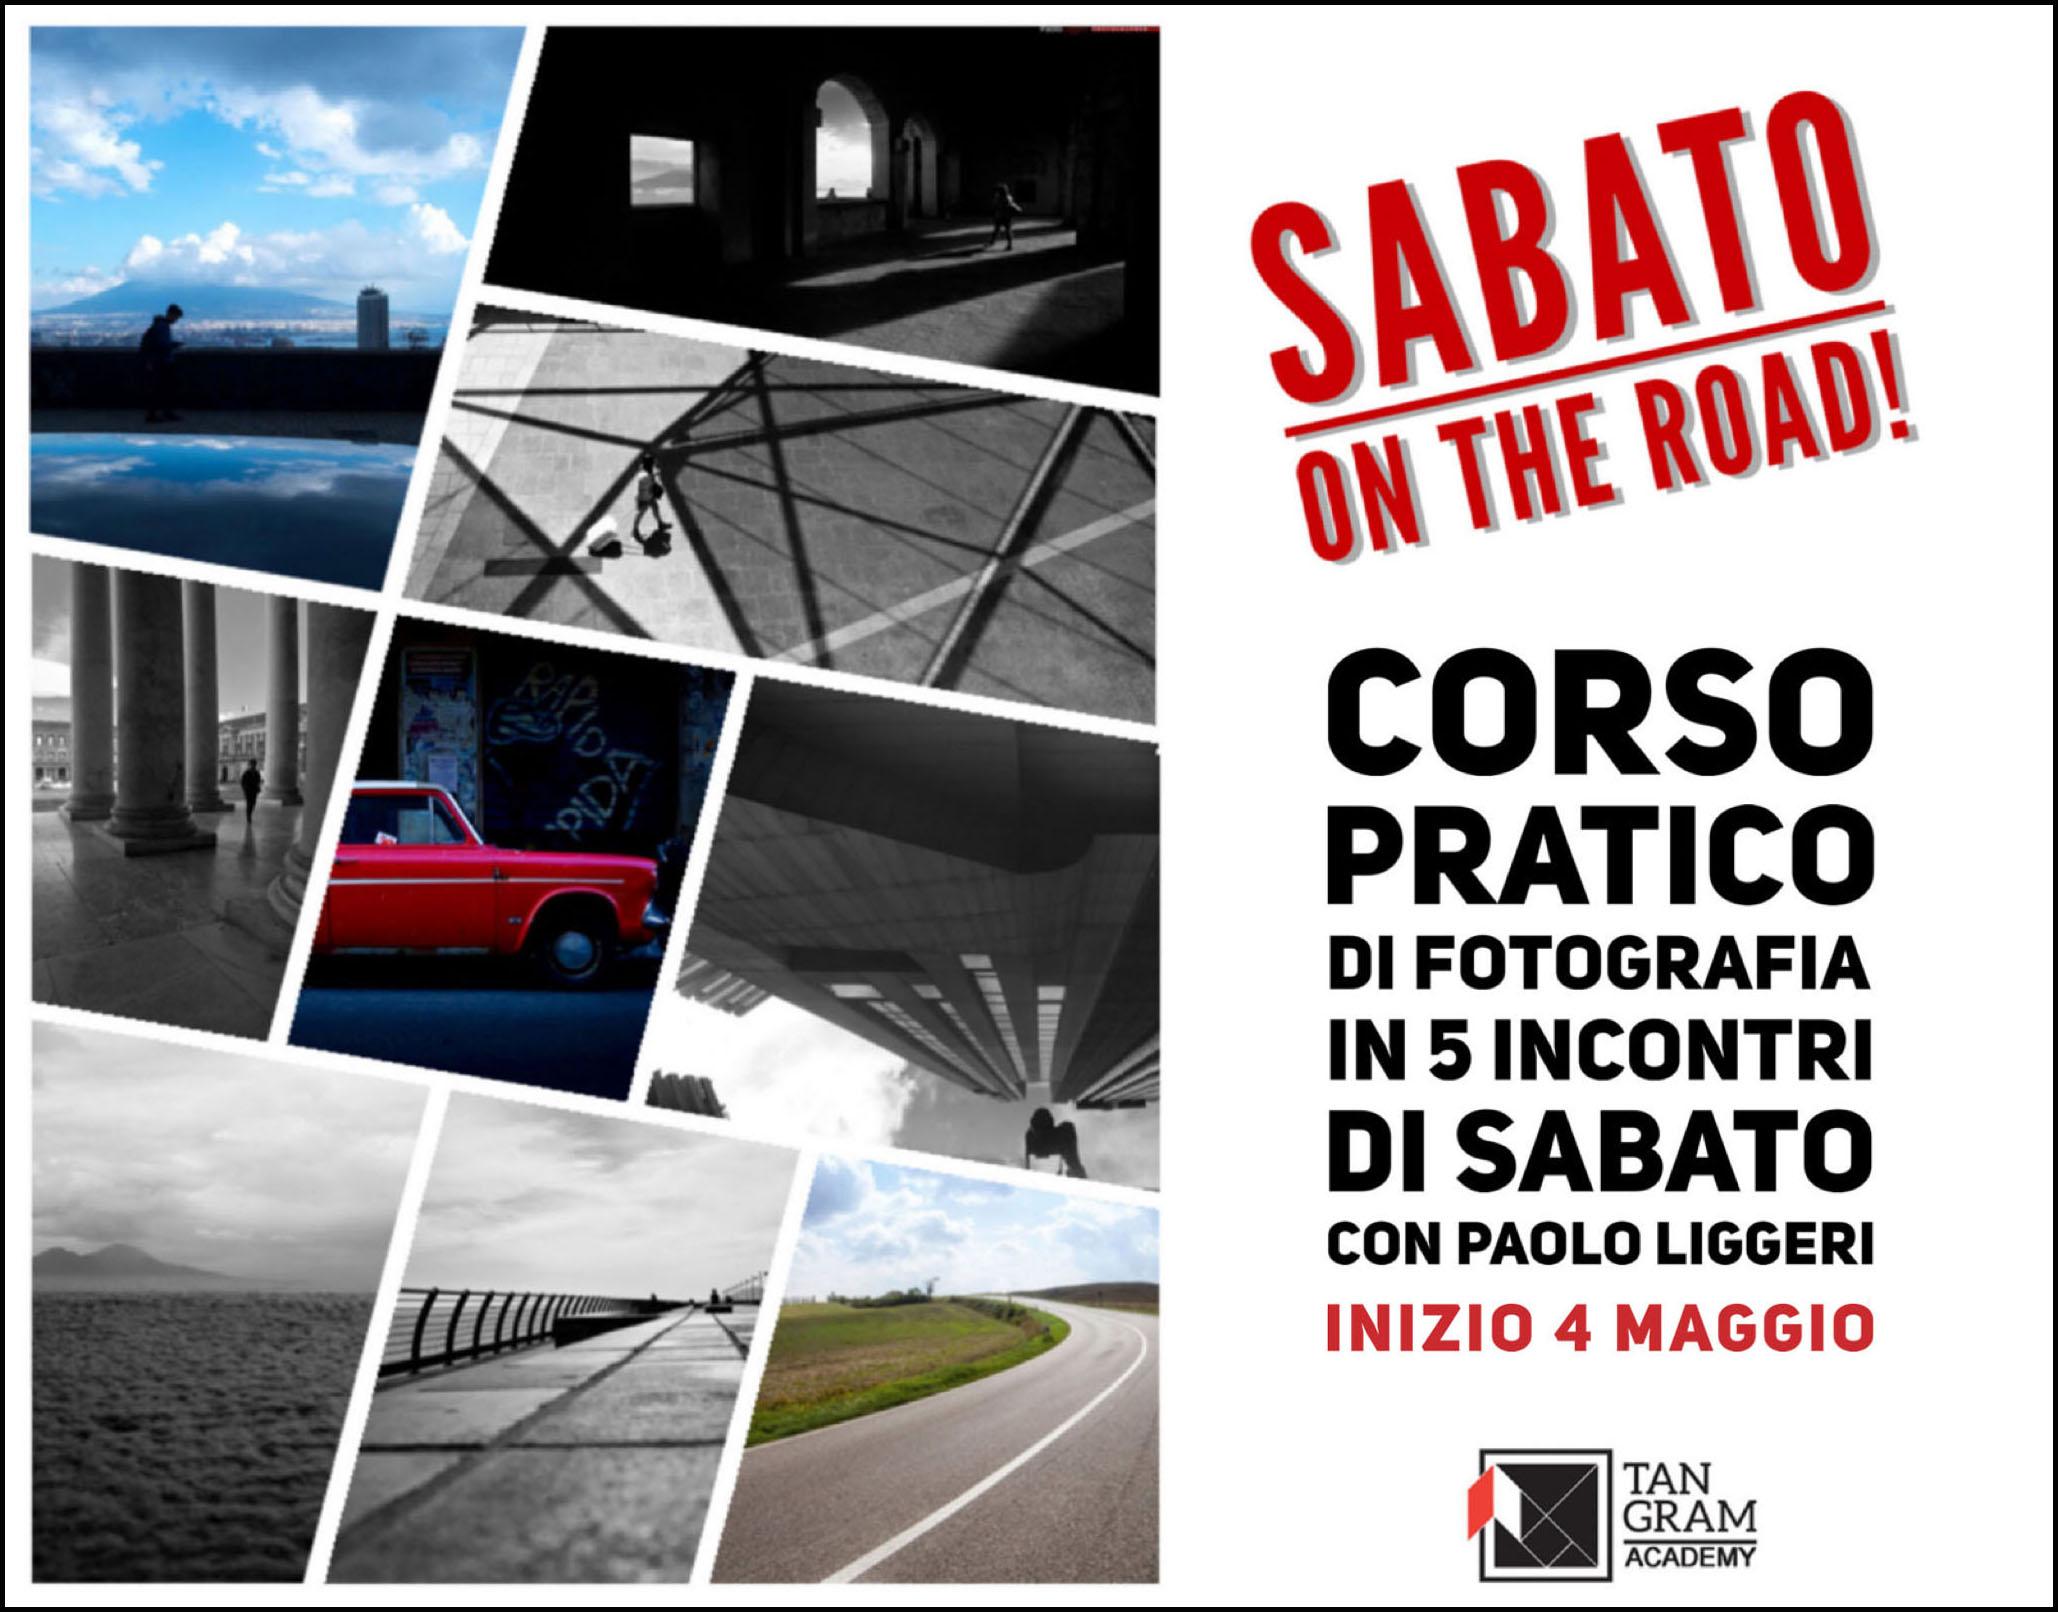 Corso pratico di fotografia con Paolo Liggeri